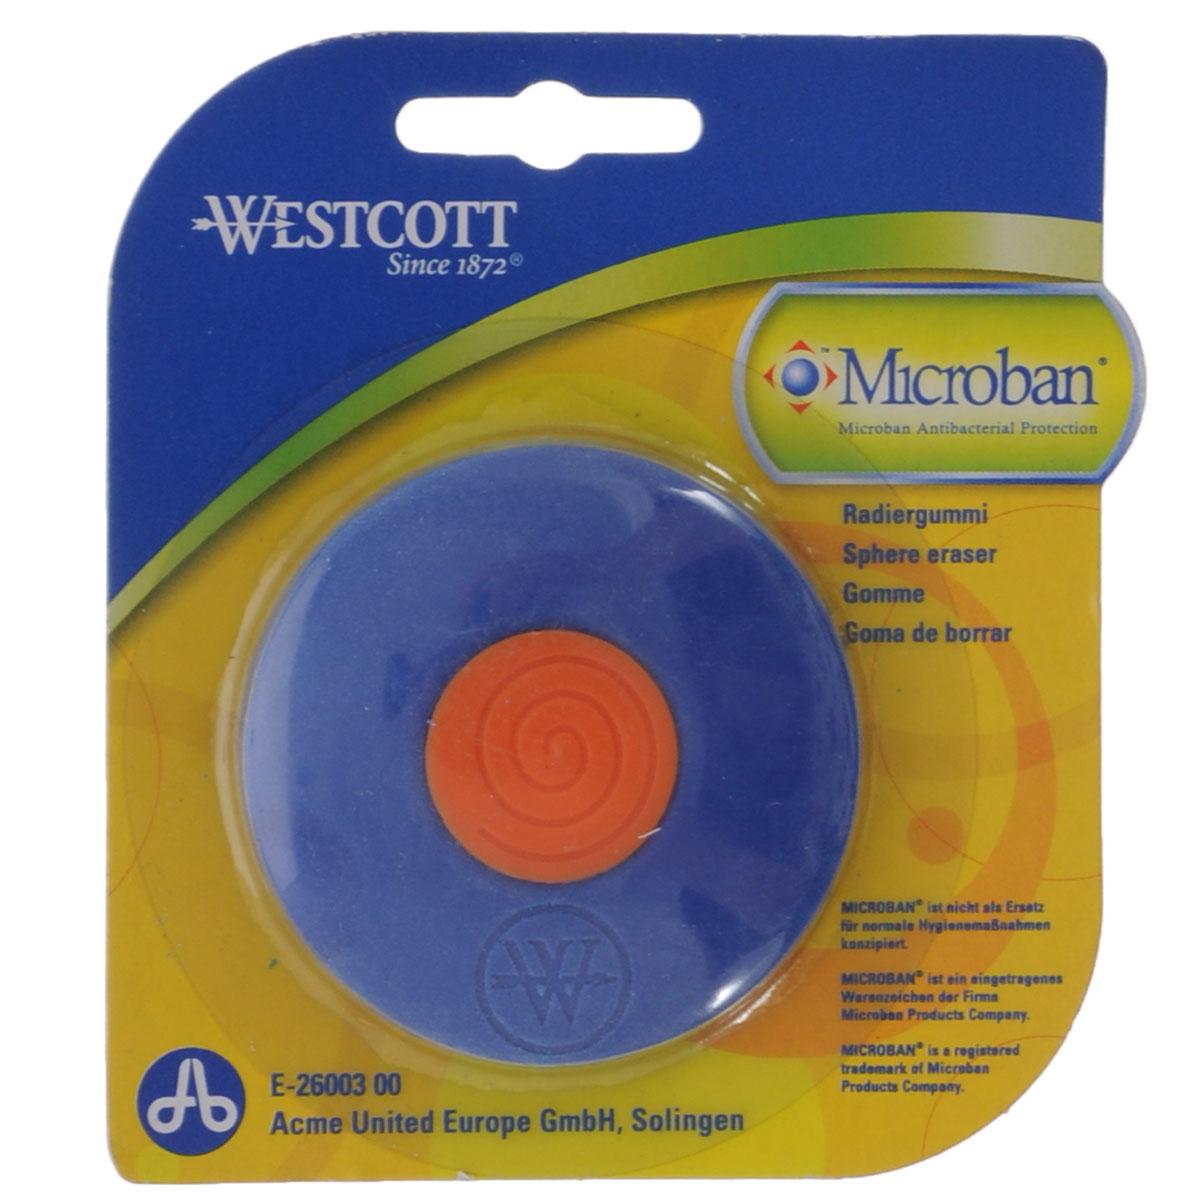 Ластик Westcott, с антибактериальным покрытием, цвет: синийЕ-26003 00Нас окружает огромное количество бактерий, многие из которых не безопасны, поэтому все большее число товаров выпускается со встроенной антибактериальной защитой.Яркий, двухцветный ластик со встроенной антибактериальной защитой Microban легко и без следа удаляет надписи, сделанные карандашом. Для более точного удаления имеет заостренные края. Эффективность защиты Microban подтверждена множеством лабораторных исследований по всему миру. Эффективен против широкого спектра грамположительных и грамотрицательных бактерий и грибков, таких как: сальмонелла, золотистый стафилококк и другие, которые вызывают заболевания, сопровождающиеся расстройством кишечника и грибковыми заболевания. (Всего около 100 микроорганизмов).Ластик сохраняет свои свойства после мытья и в случае механического повреждения изделия. Антибактериальные свойства не исчезают со временем и не снижают свою эффективность. Microban абсолютно безвреден для людей и животных, не вызывает аллергии.